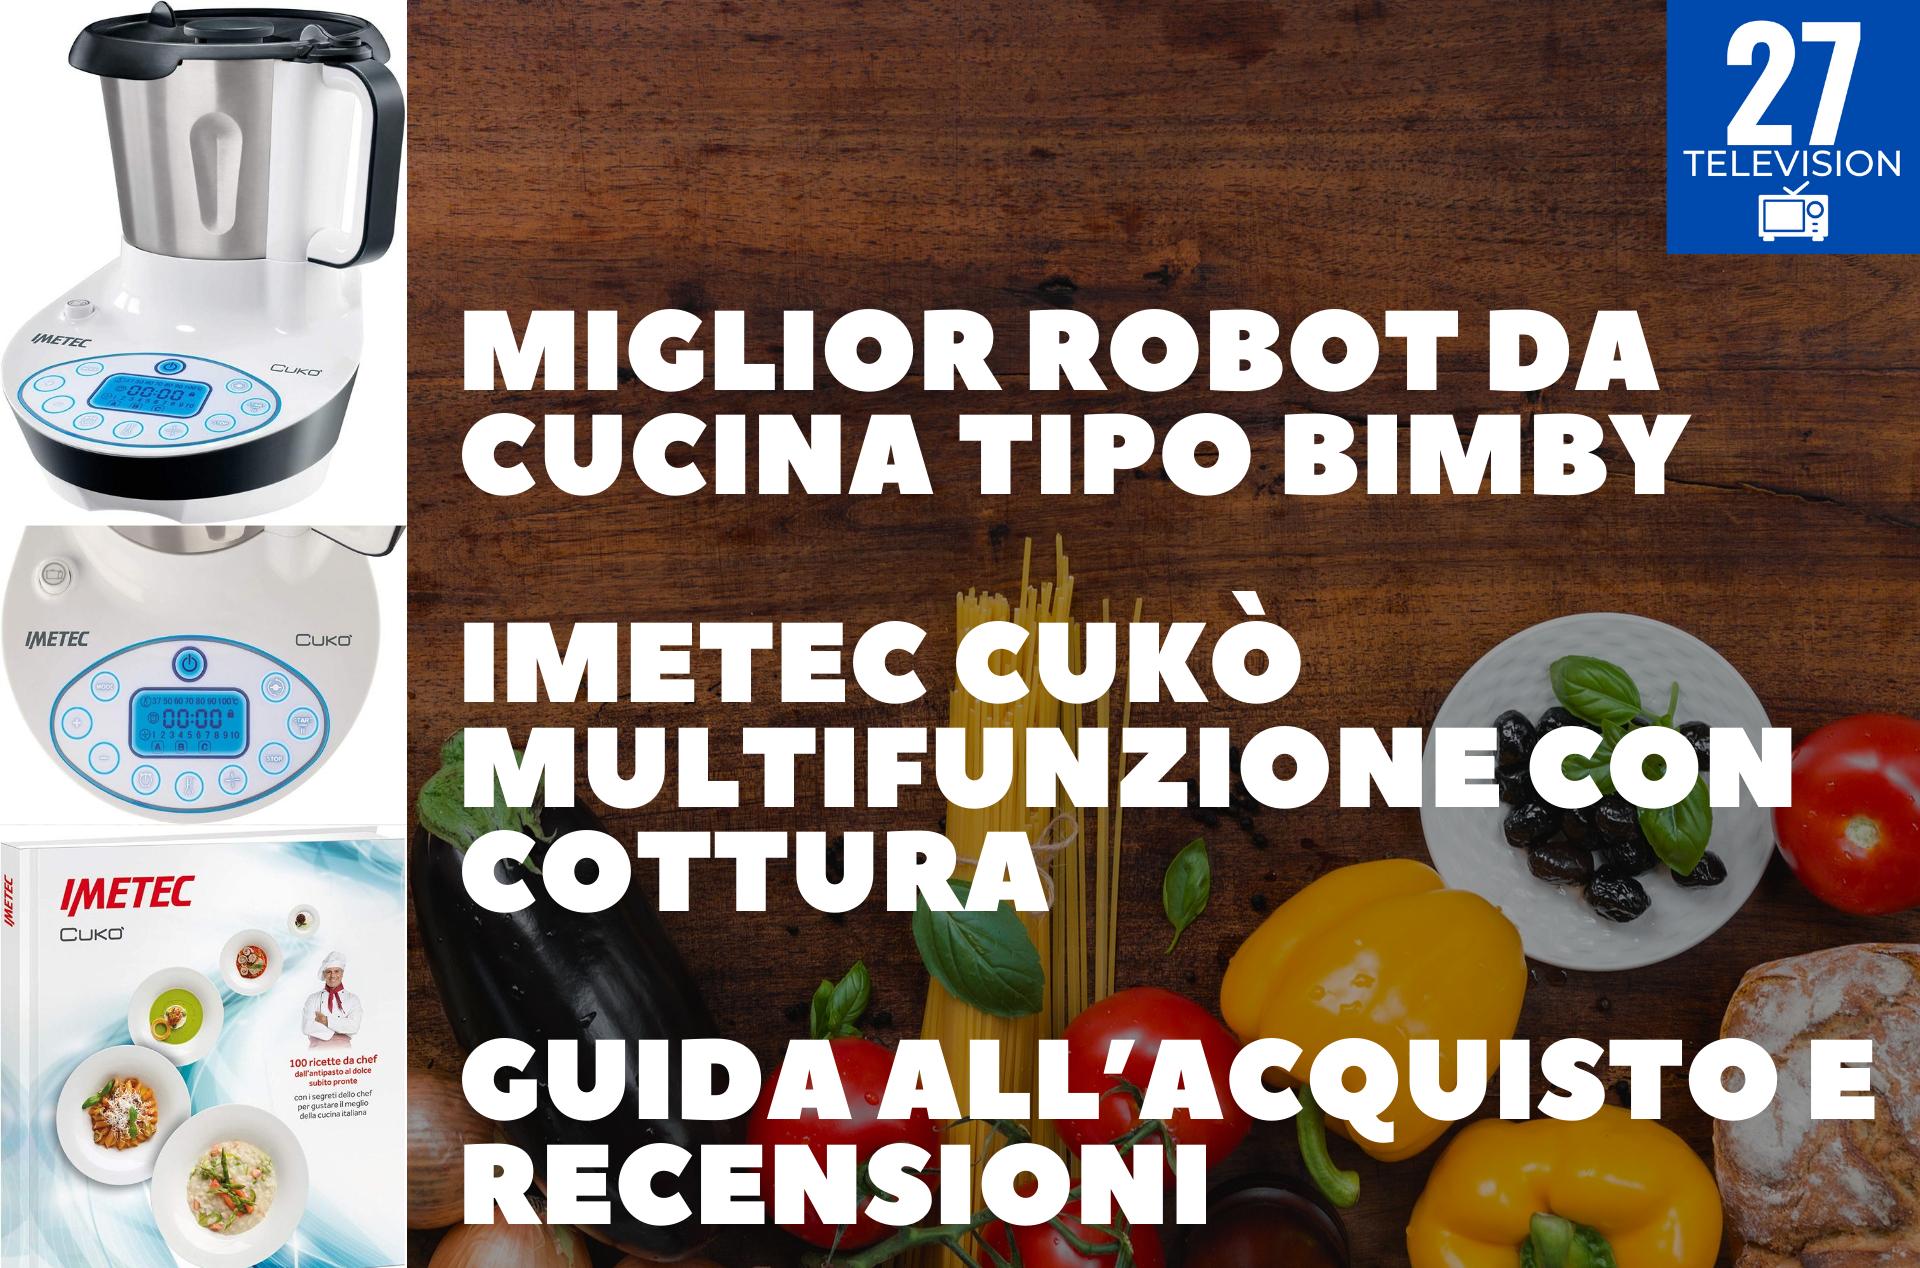 MIGLIOR ROBOT DA CUCINA TIPO BIMBY : Imetec Cukò Multifunzione con Cottura - GUIDA ALL'ACQUISTO E RECENSIONI